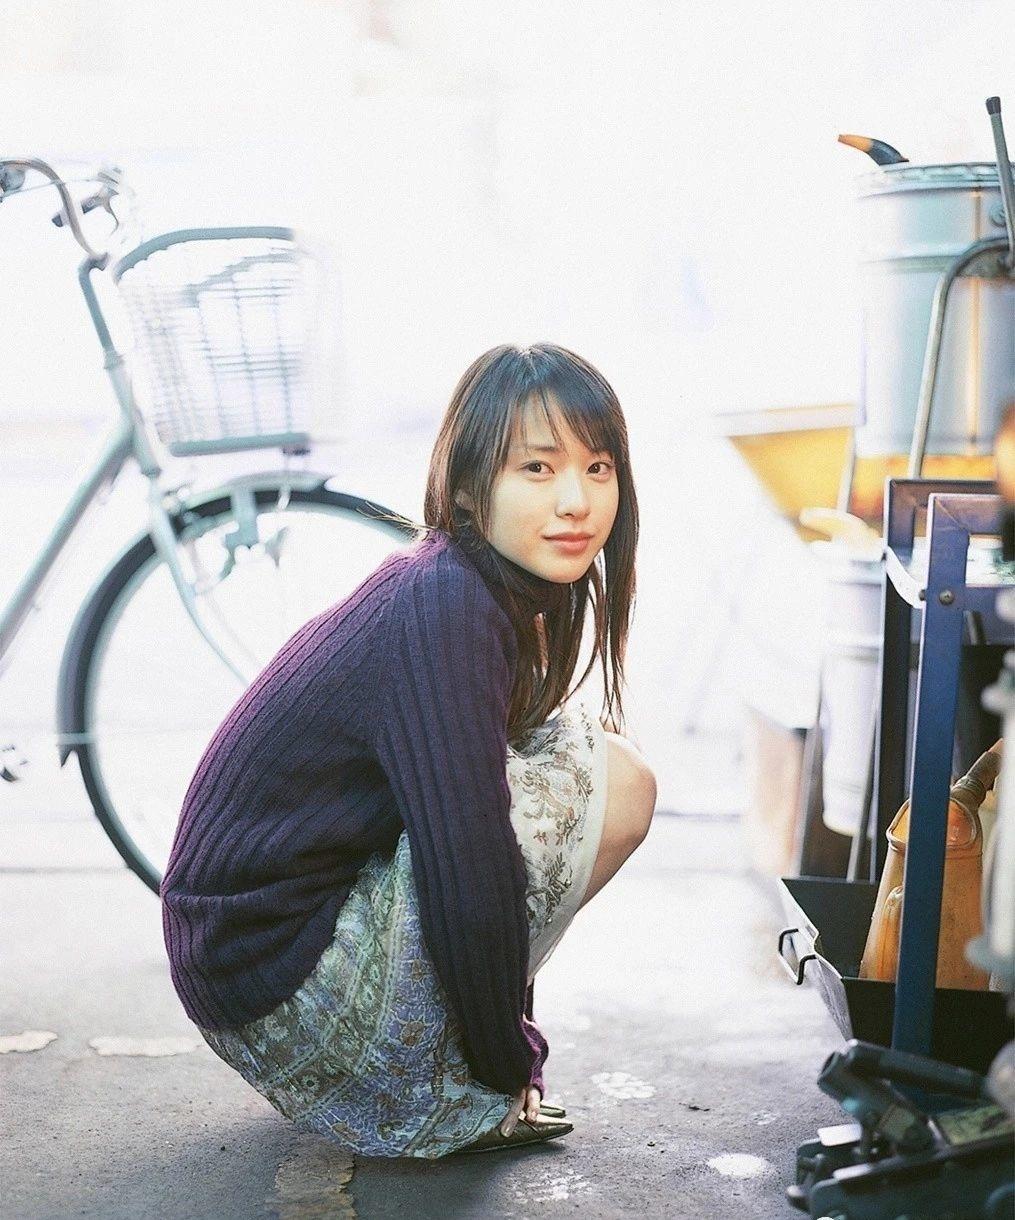 美的不可方物少女时代的户田惠梨香写真作品 (61)